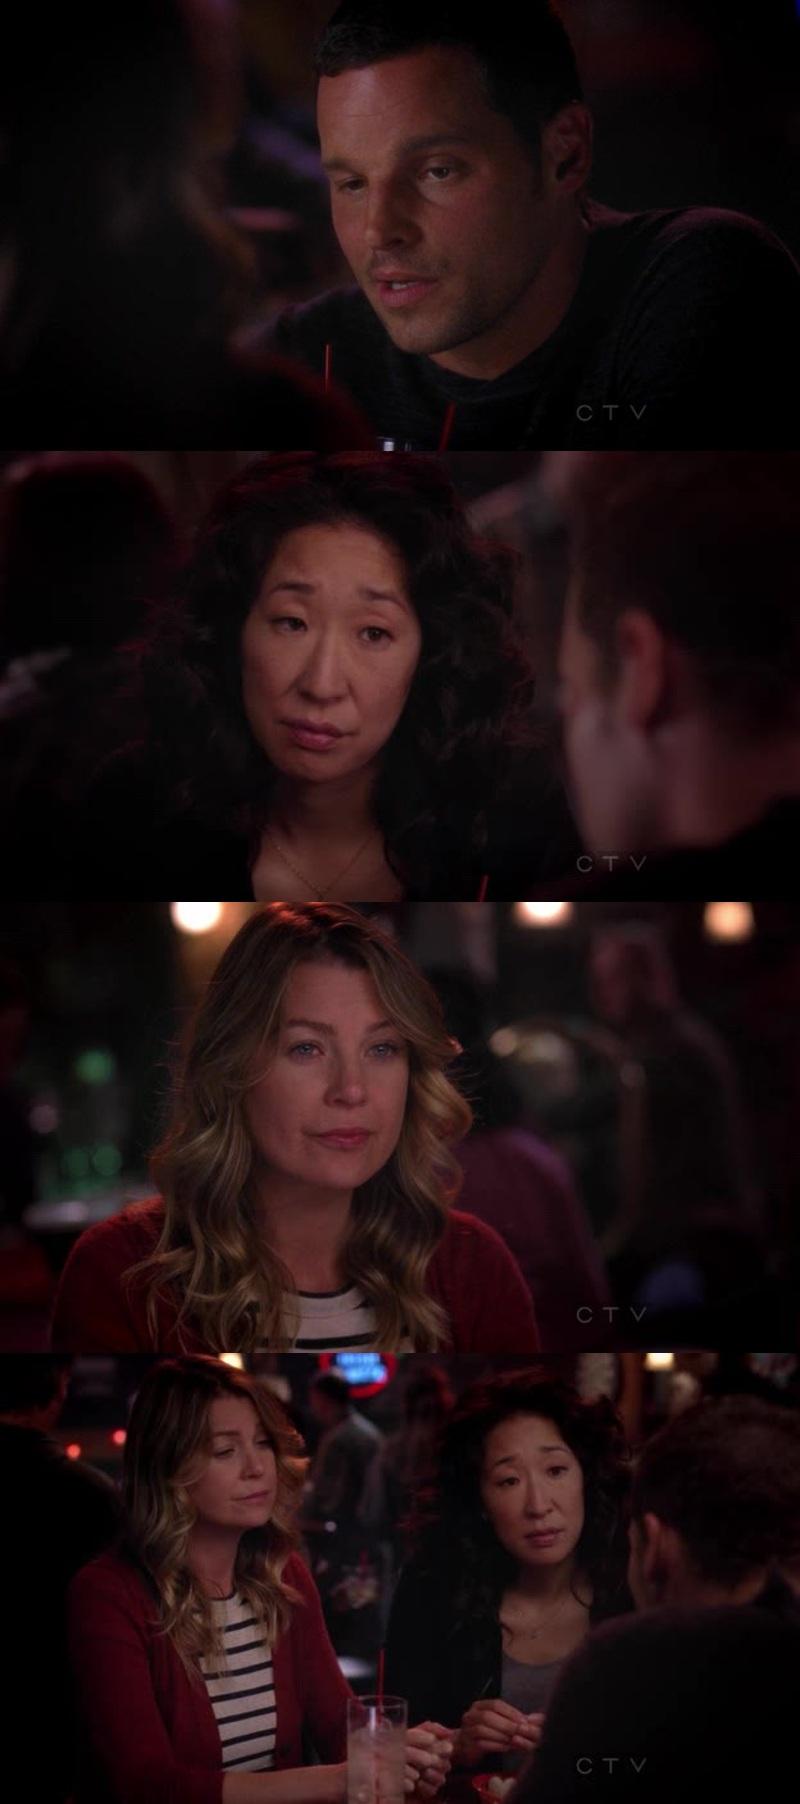 """""""Se ele estivesse vivo estaria superando todos nós"""" """"O george morreu e a izzie foi embora e todos mudamos...todos estamos diferentes..."""" 😕"""